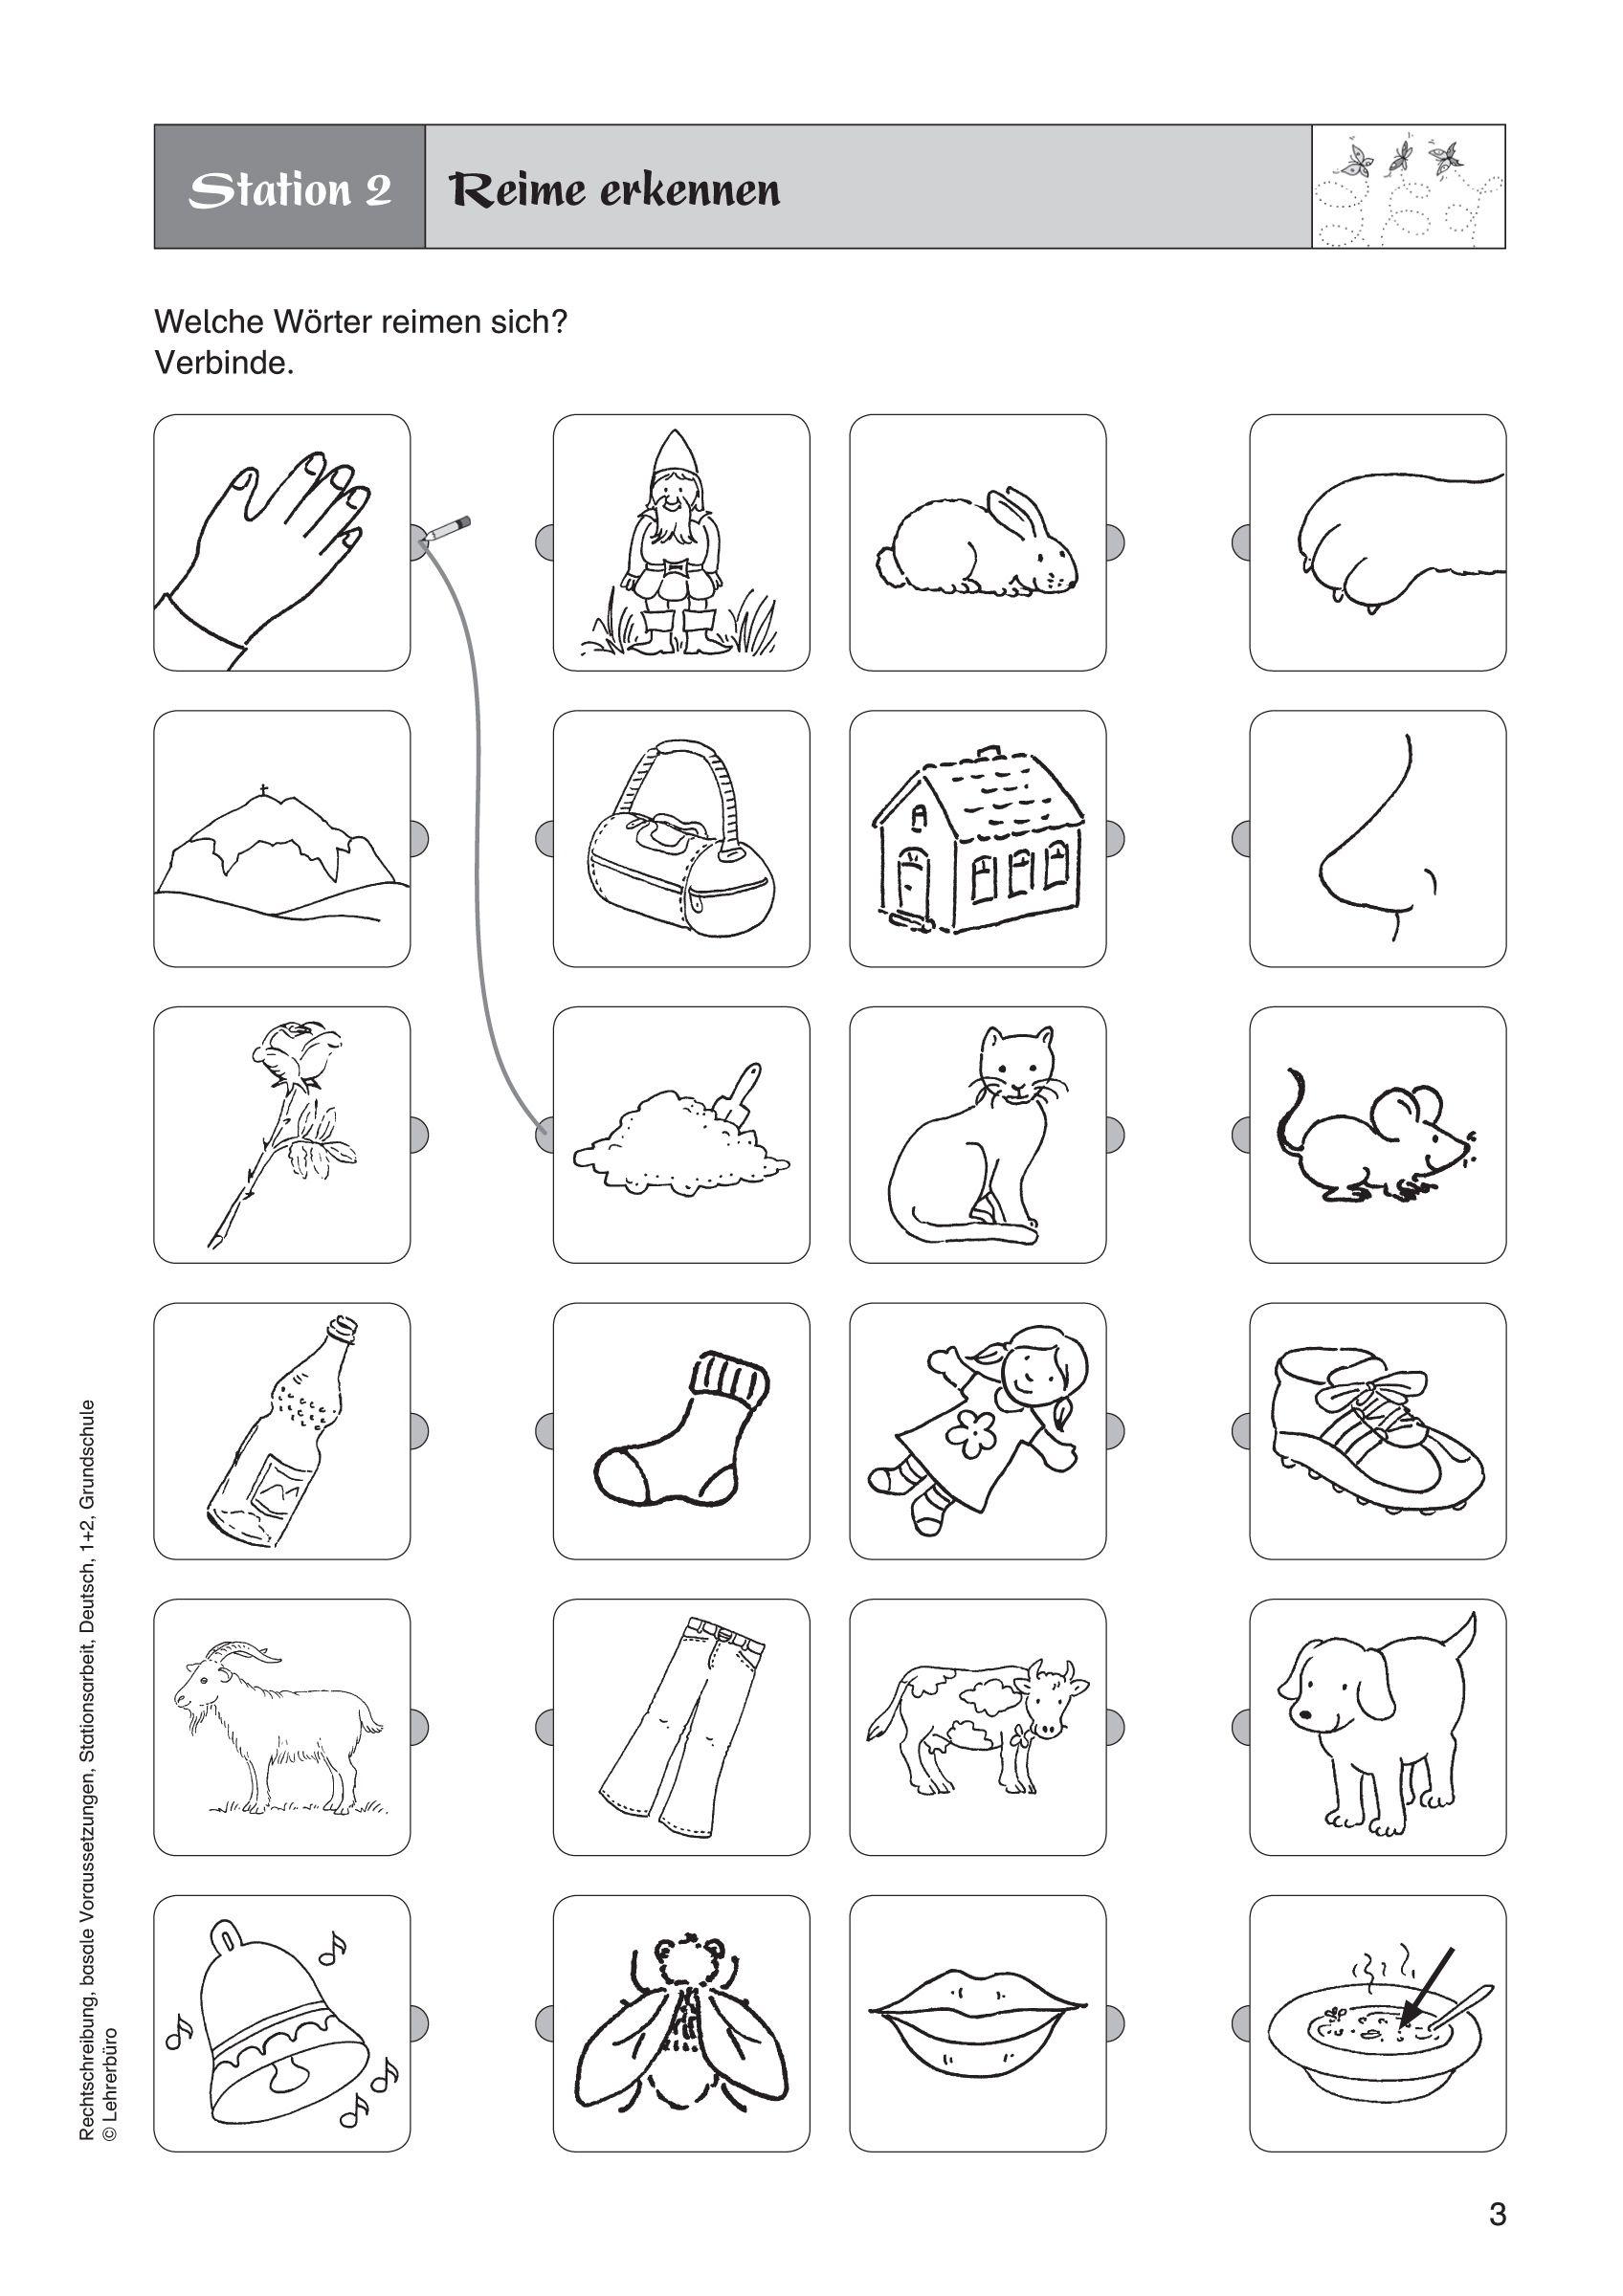 Arbeitsblätter Grundschule 1 Klasse Ausdrucken 1 Klasse für Übungsblätter Kindergarten Zum Ausdrucken